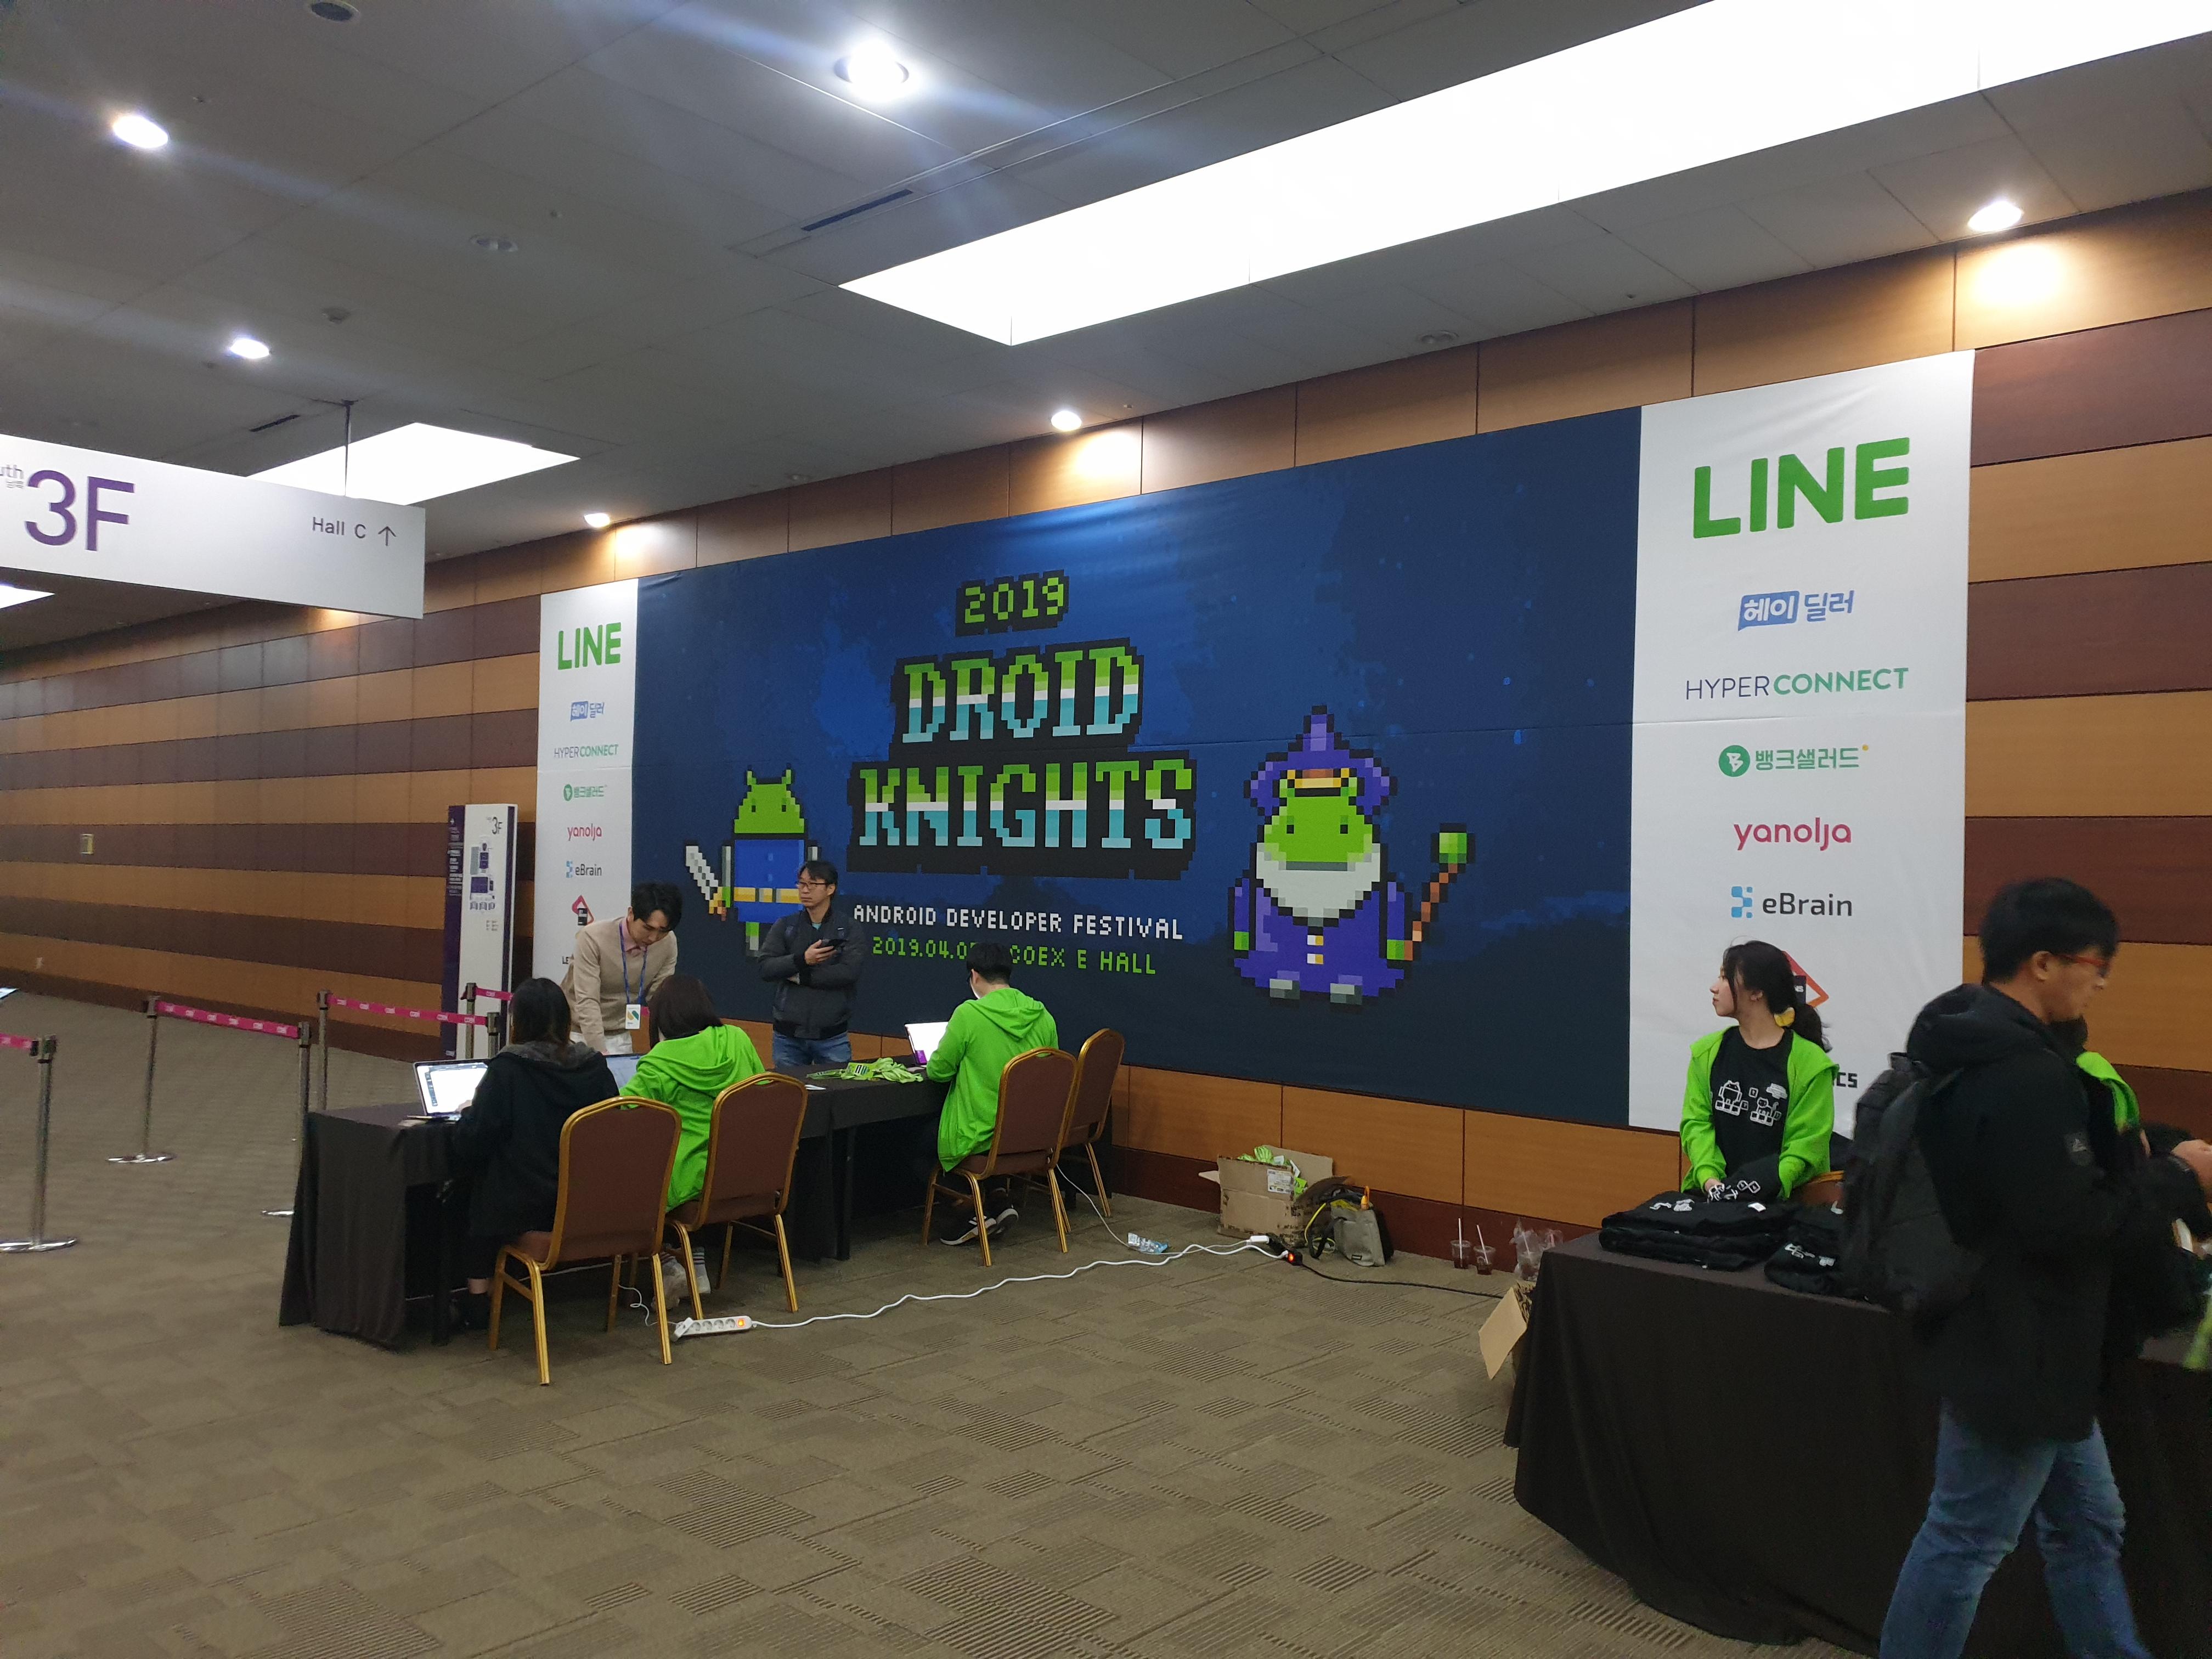 5만원, aac, Android Architecture Components, Architecture, clean architecture, coroutine, di, dipendency injection, droid knights, droid knights 2019, droid knights korea, droid nights, Kotlin, model view viewmodel, MVVM, test, [컨퍼런스] 드로아드 나이츠 (Droid Knights) 행사 참여!, 개발자 컨퍼런스, 드로이드 나이츠, 드로이드 나이츠 2019, 랜덤 피규어, 스티커, 식사, 주제, 참가비, 채용 부스, 컨퍼런스, 코엑스, 코엑스 몰, 트랜드, 푸드코트